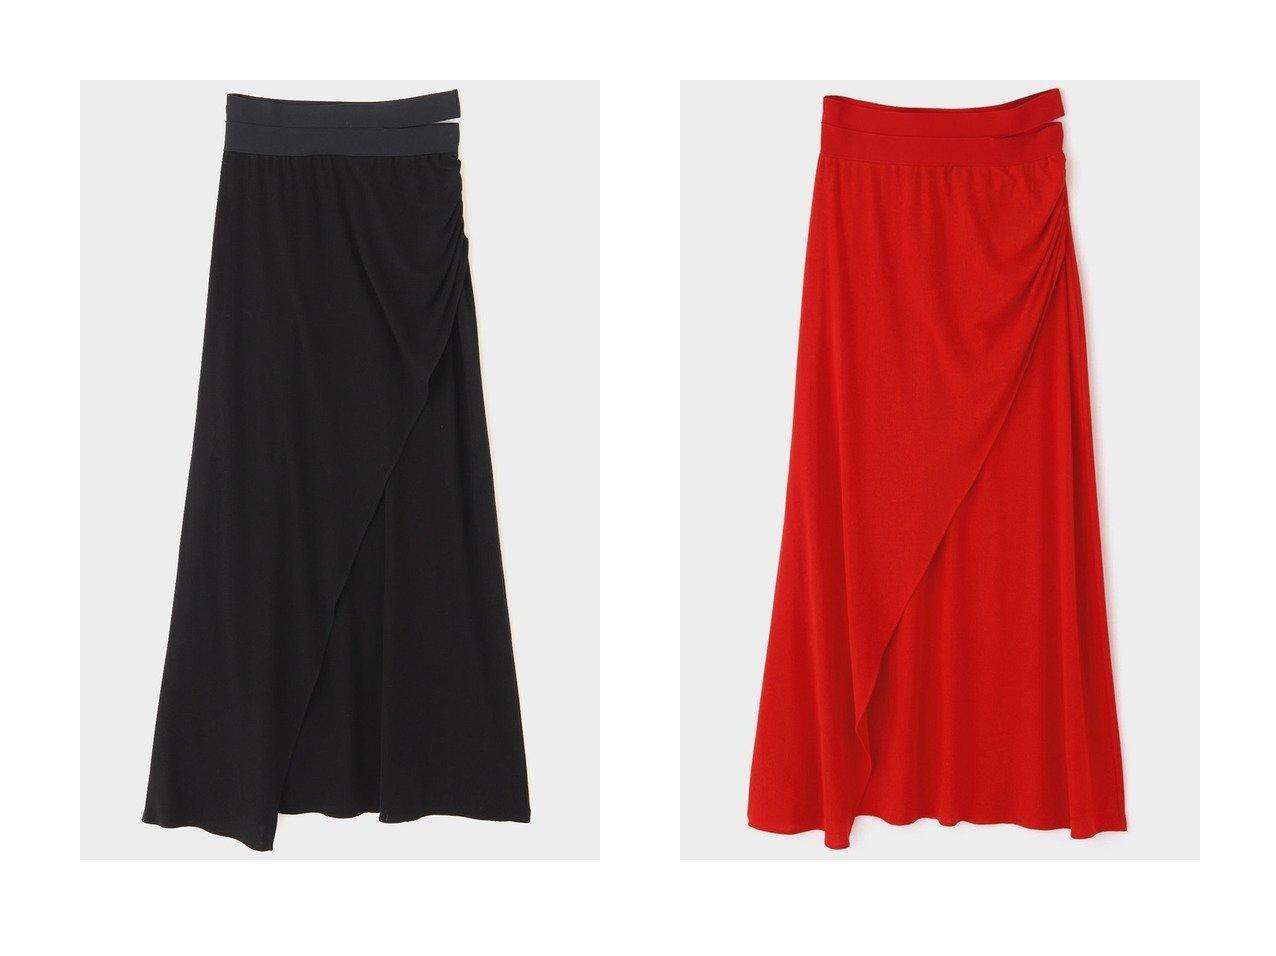 【LE PHIL/ル フィル】のスキンジャージースカート 【スカート】おすすめ!人気、トレンド・レディースファッションの通販 おすすめで人気の流行・トレンド、ファッションの通販商品 インテリア・家具・メンズファッション・キッズファッション・レディースファッション・服の通販 founy(ファニー) https://founy.com/ ファッション Fashion レディースファッション WOMEN スカート Skirt ロングスカート Long Skirt 2020年 2020 2020-2021秋冬・A/W AW・Autumn/Winter・FW・Fall-Winter/2020-2021 2021年 2021 2021-2022秋冬・A/W AW・Autumn/Winter・FW・Fall-Winter・2021-2022 A/W・秋冬 AW・Autumn/Winter・FW・Fall-Winter おすすめ Recommend ギャザー シンプル ジャージー ドレープ ラップ リラックス ロング  ID:crp329100000068445